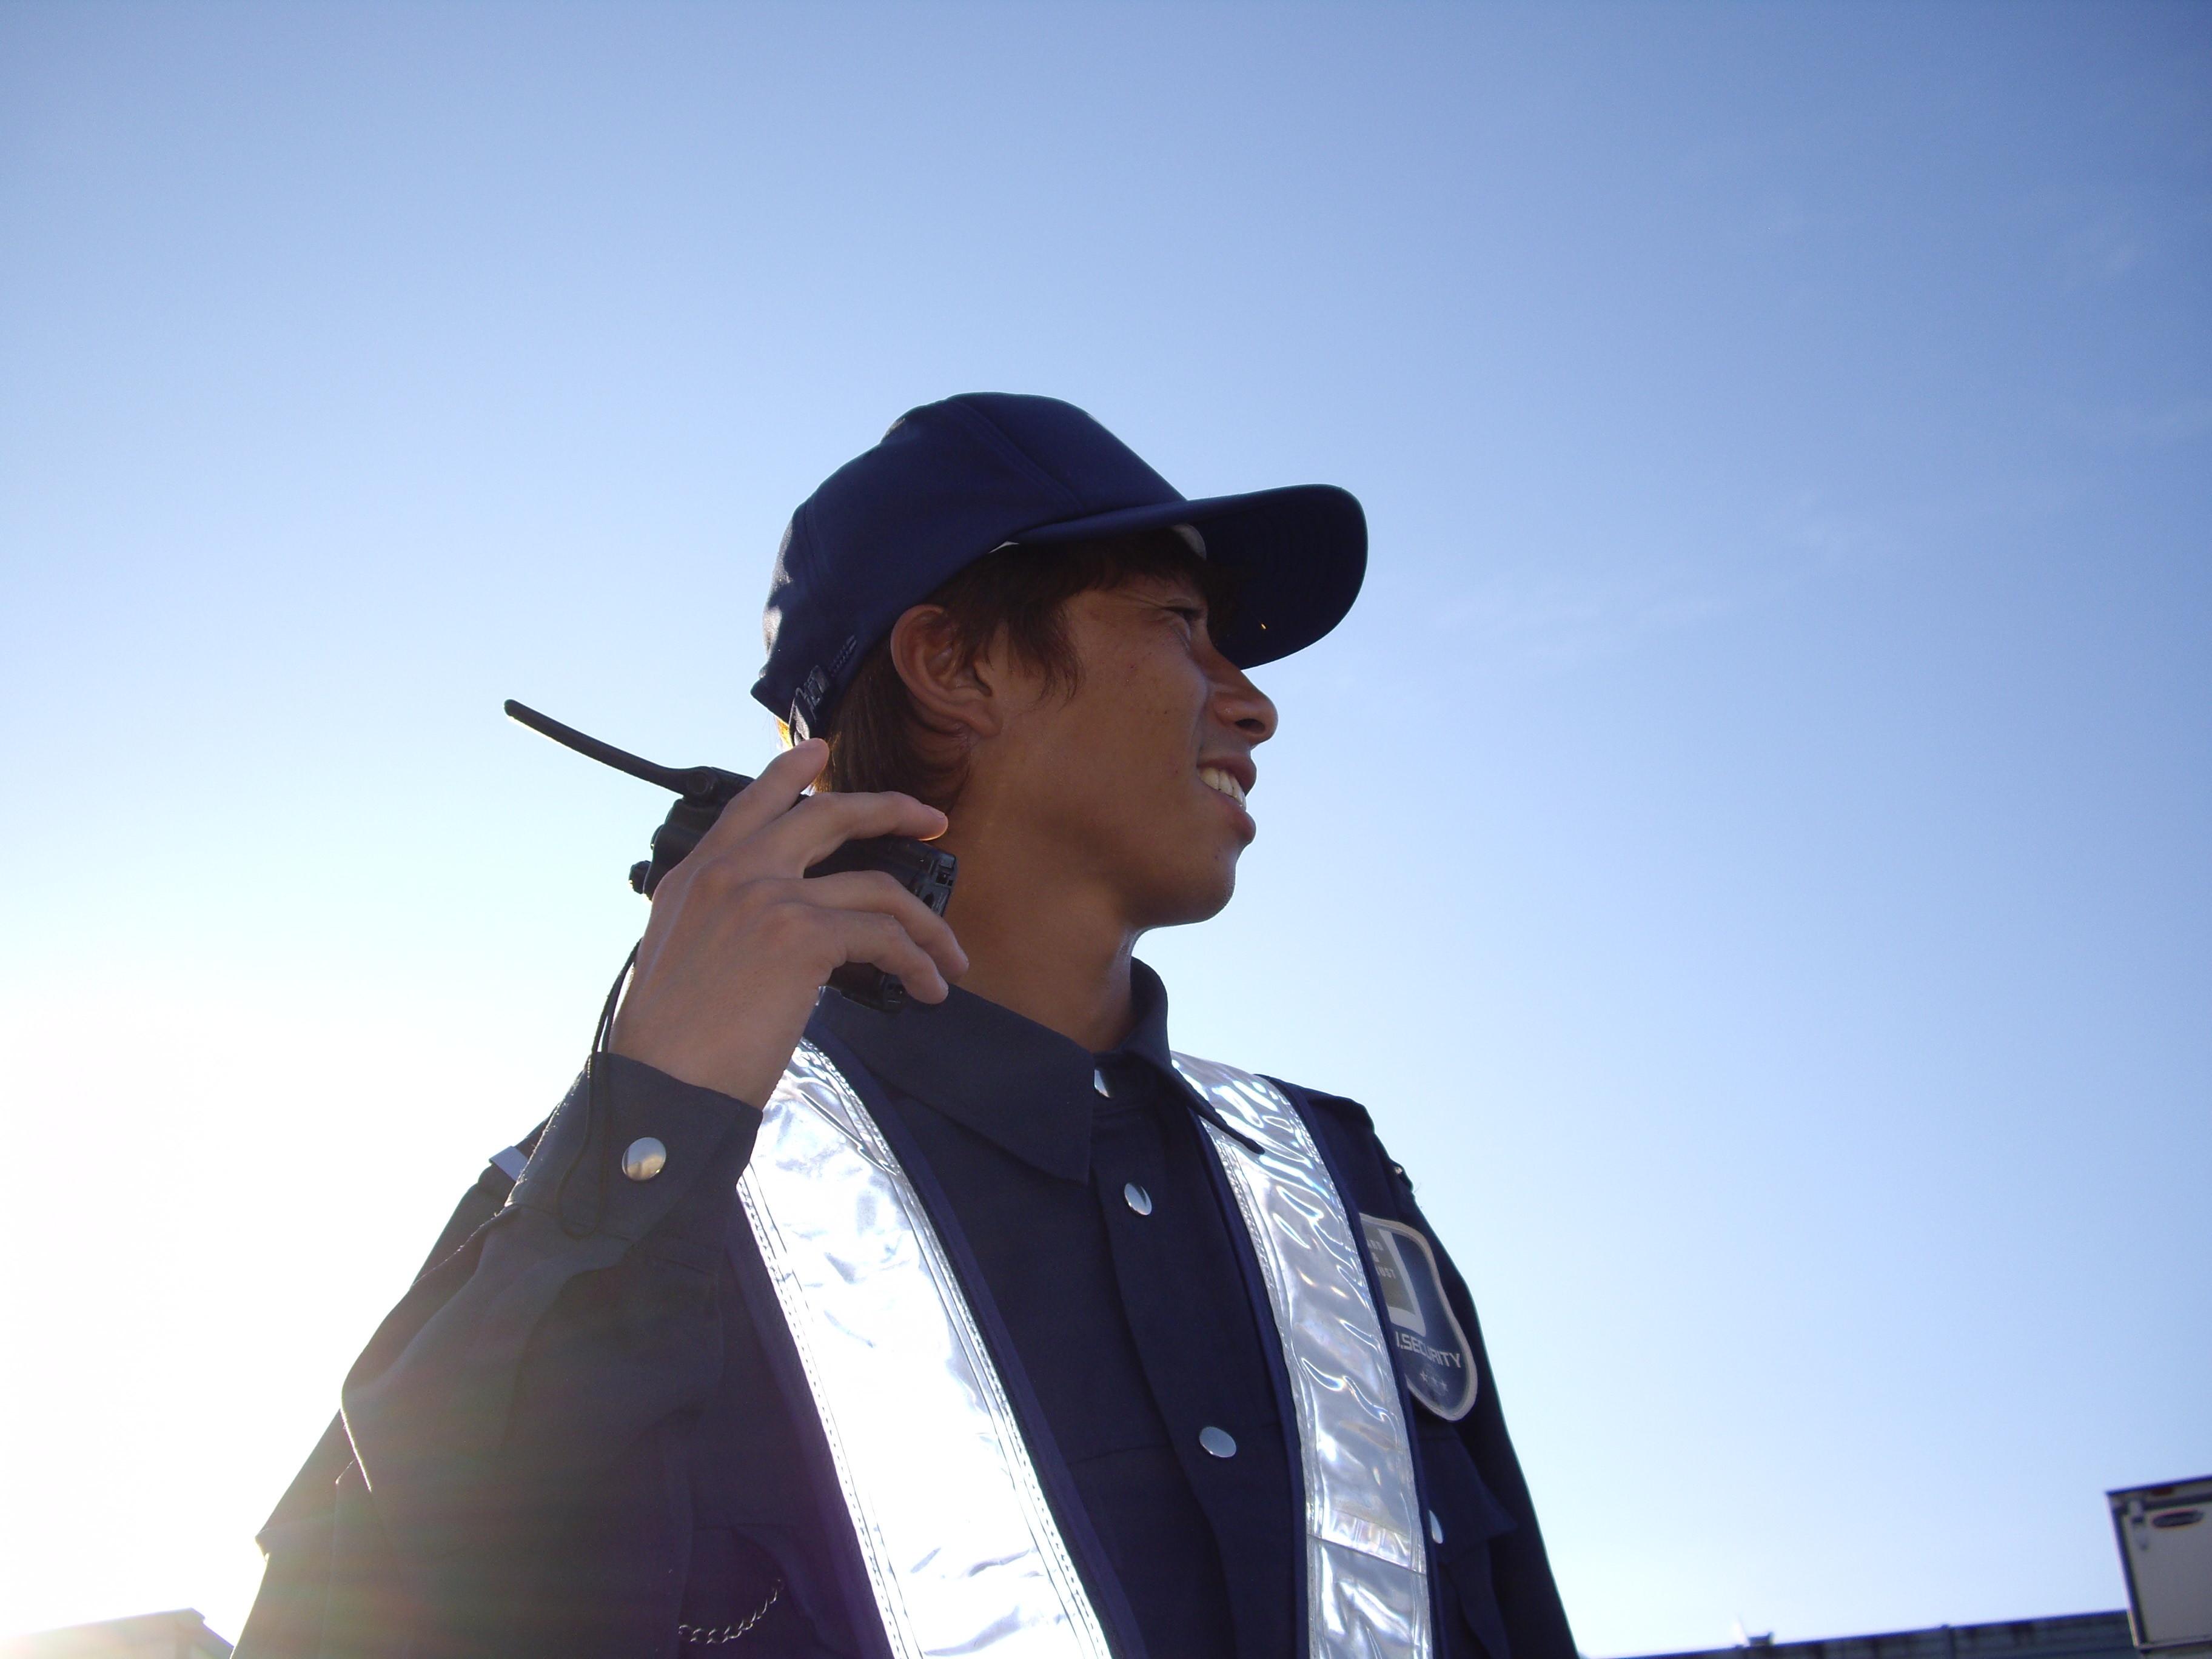 交通誘導スタッフ 刈羽郡刈羽村エリア 株式会社J.SECURITYのアルバイト情報